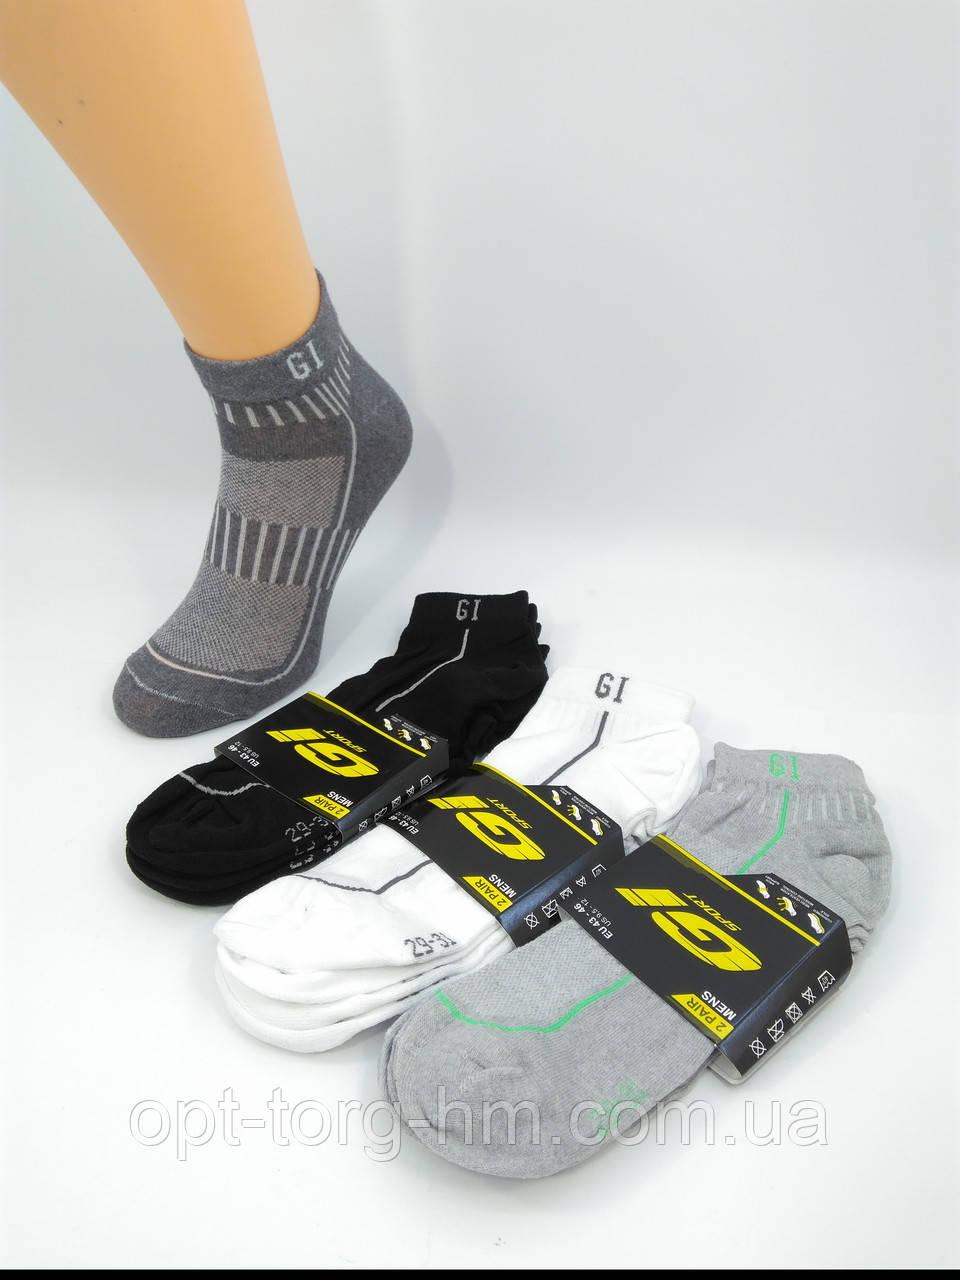 """Спортивные мужские носки сетка """"GI SPORT"""" 29-31 (43-45 обувь)"""